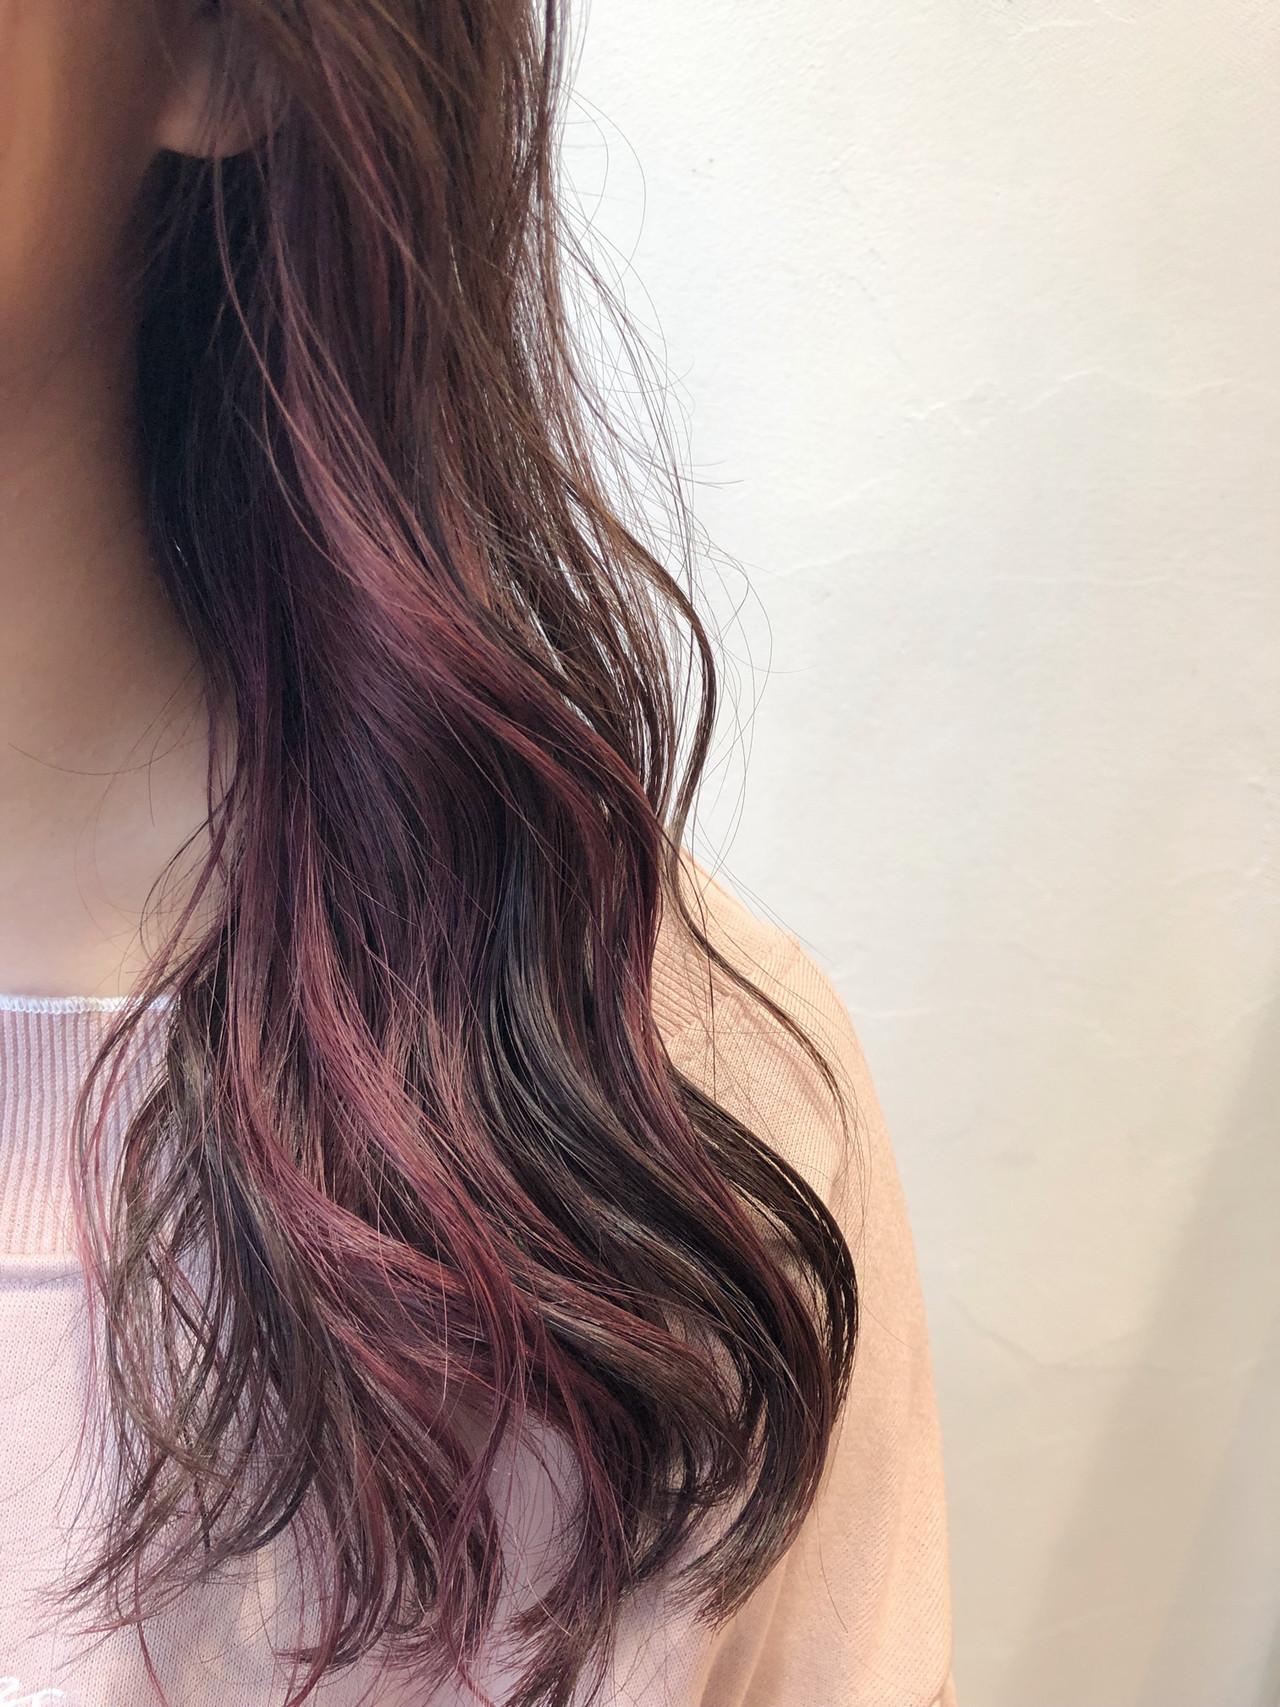 ミディアム インナーカラー ピンク 透け感 ヘアスタイルや髪型の写真・画像